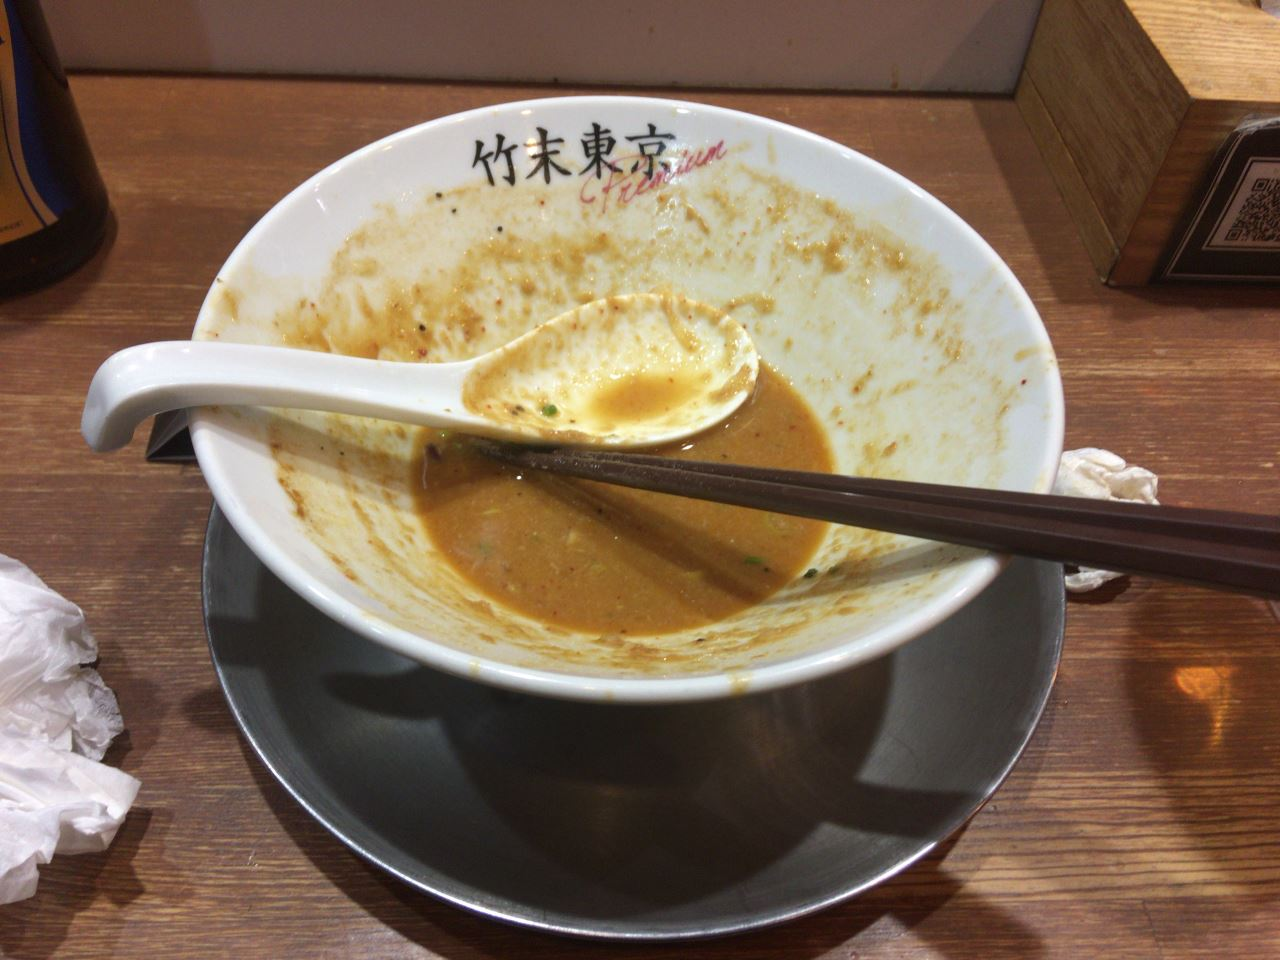 なんかいいできの筈の麺食べ終えた丼